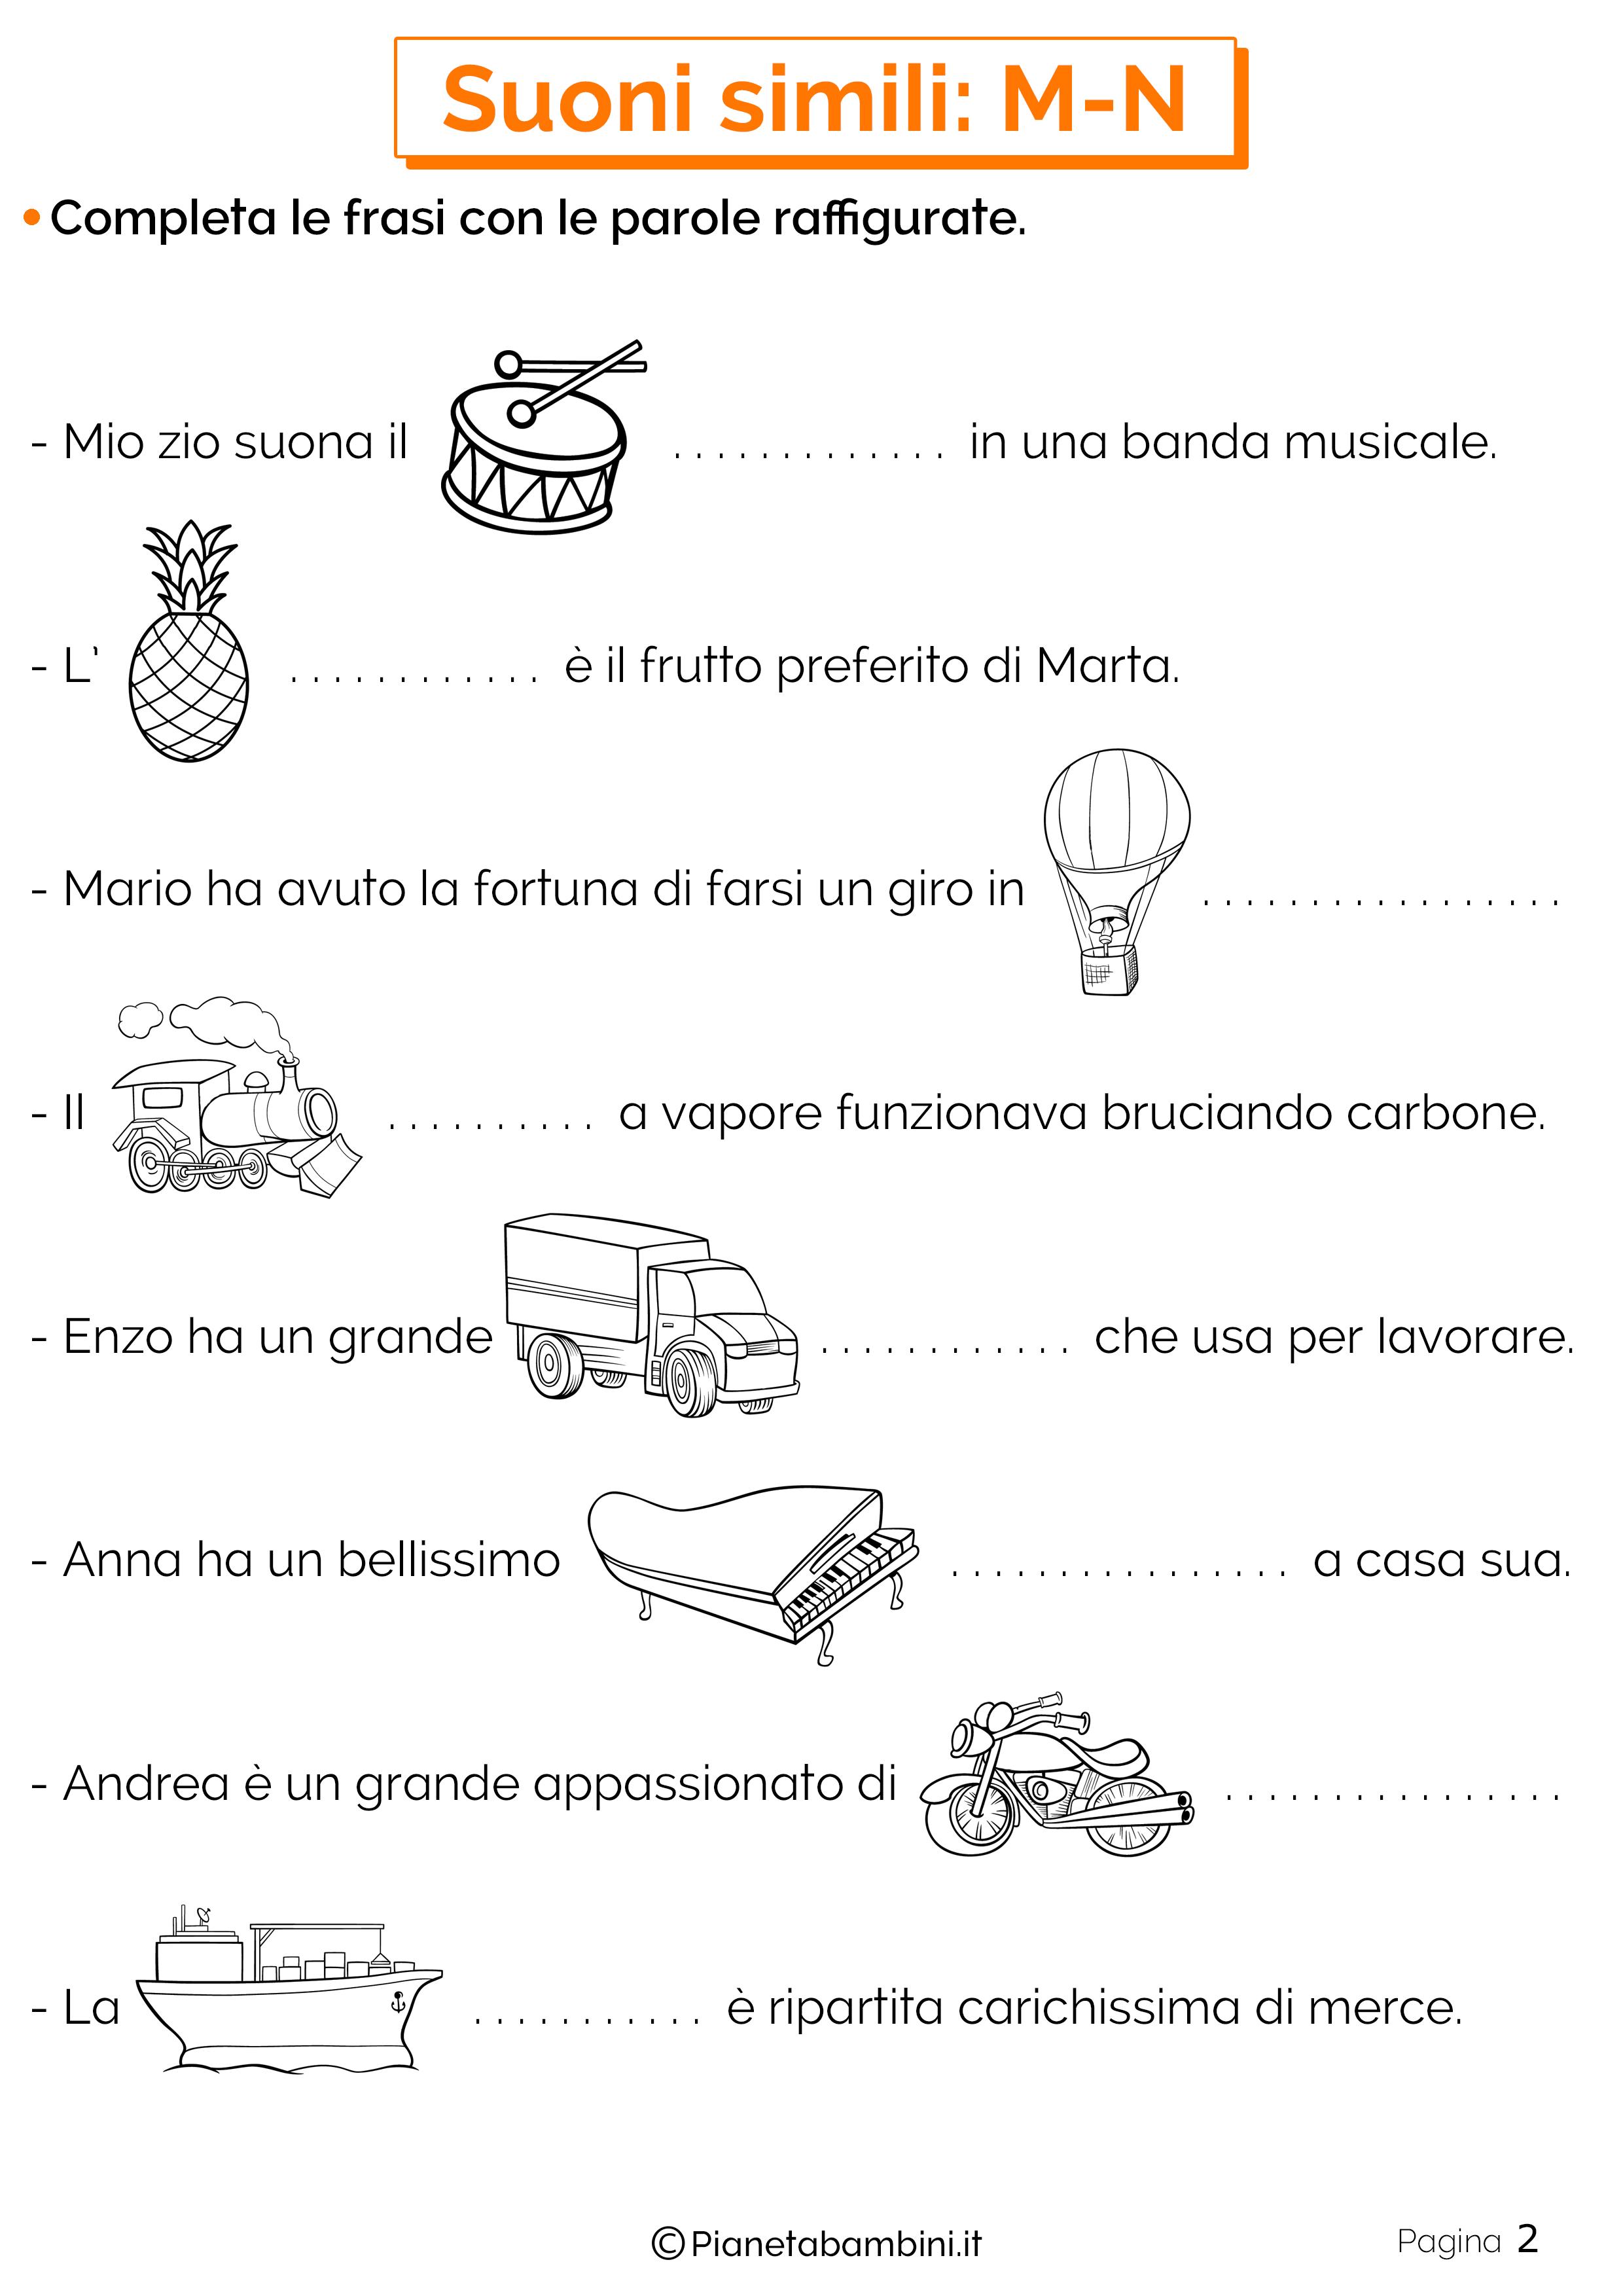 Schede didattiche sui suoni simili M-N pagina 2